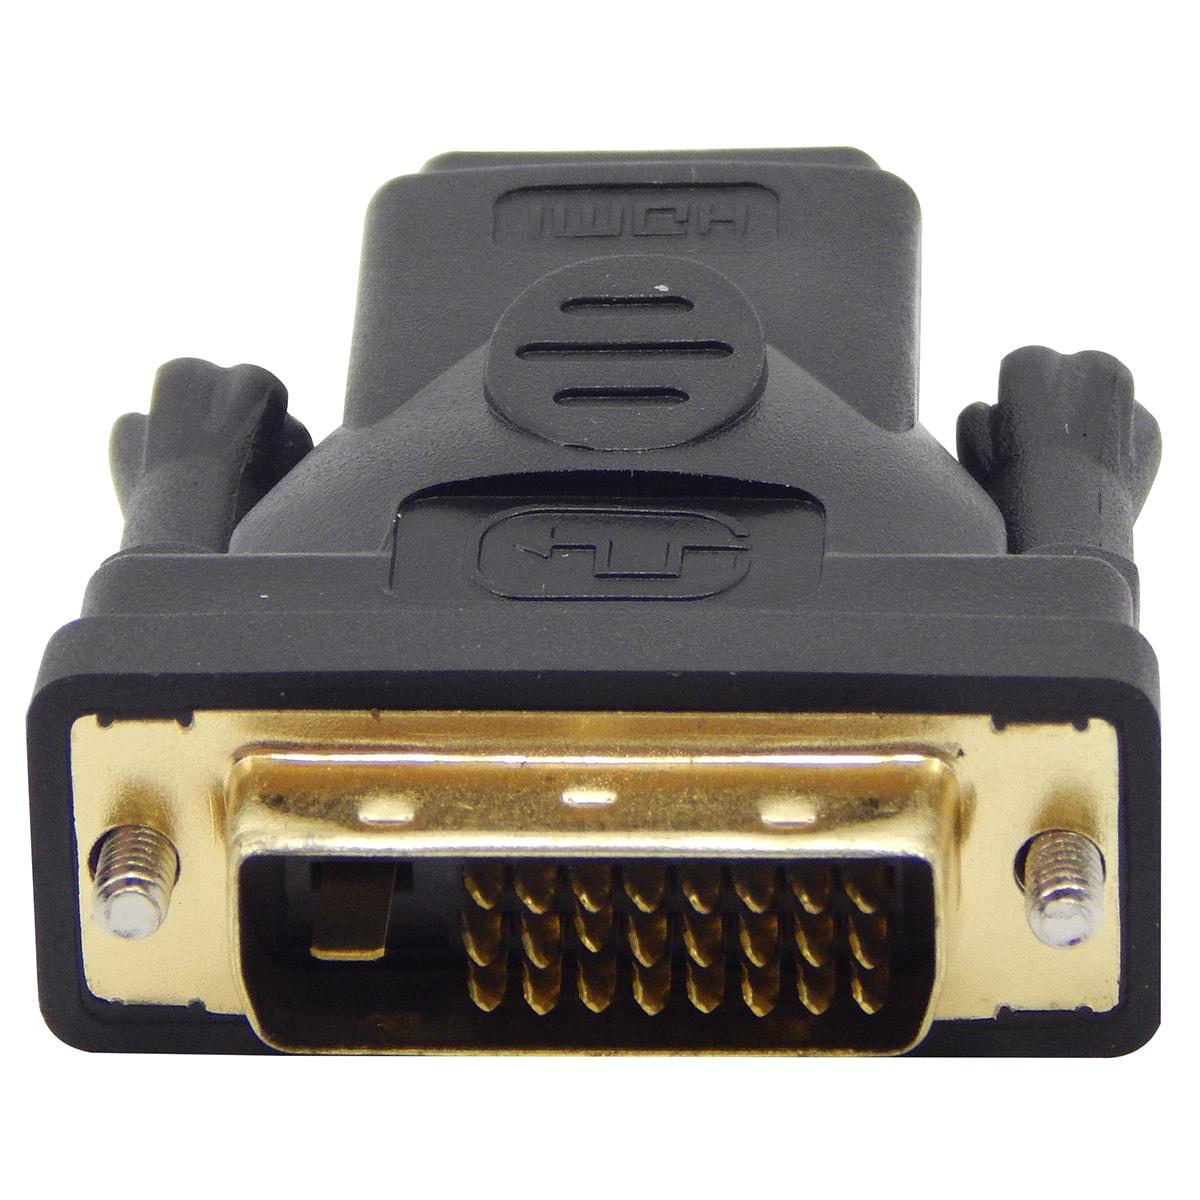 Adaptador DVI-D 24+1 Macho x HDMI Femea